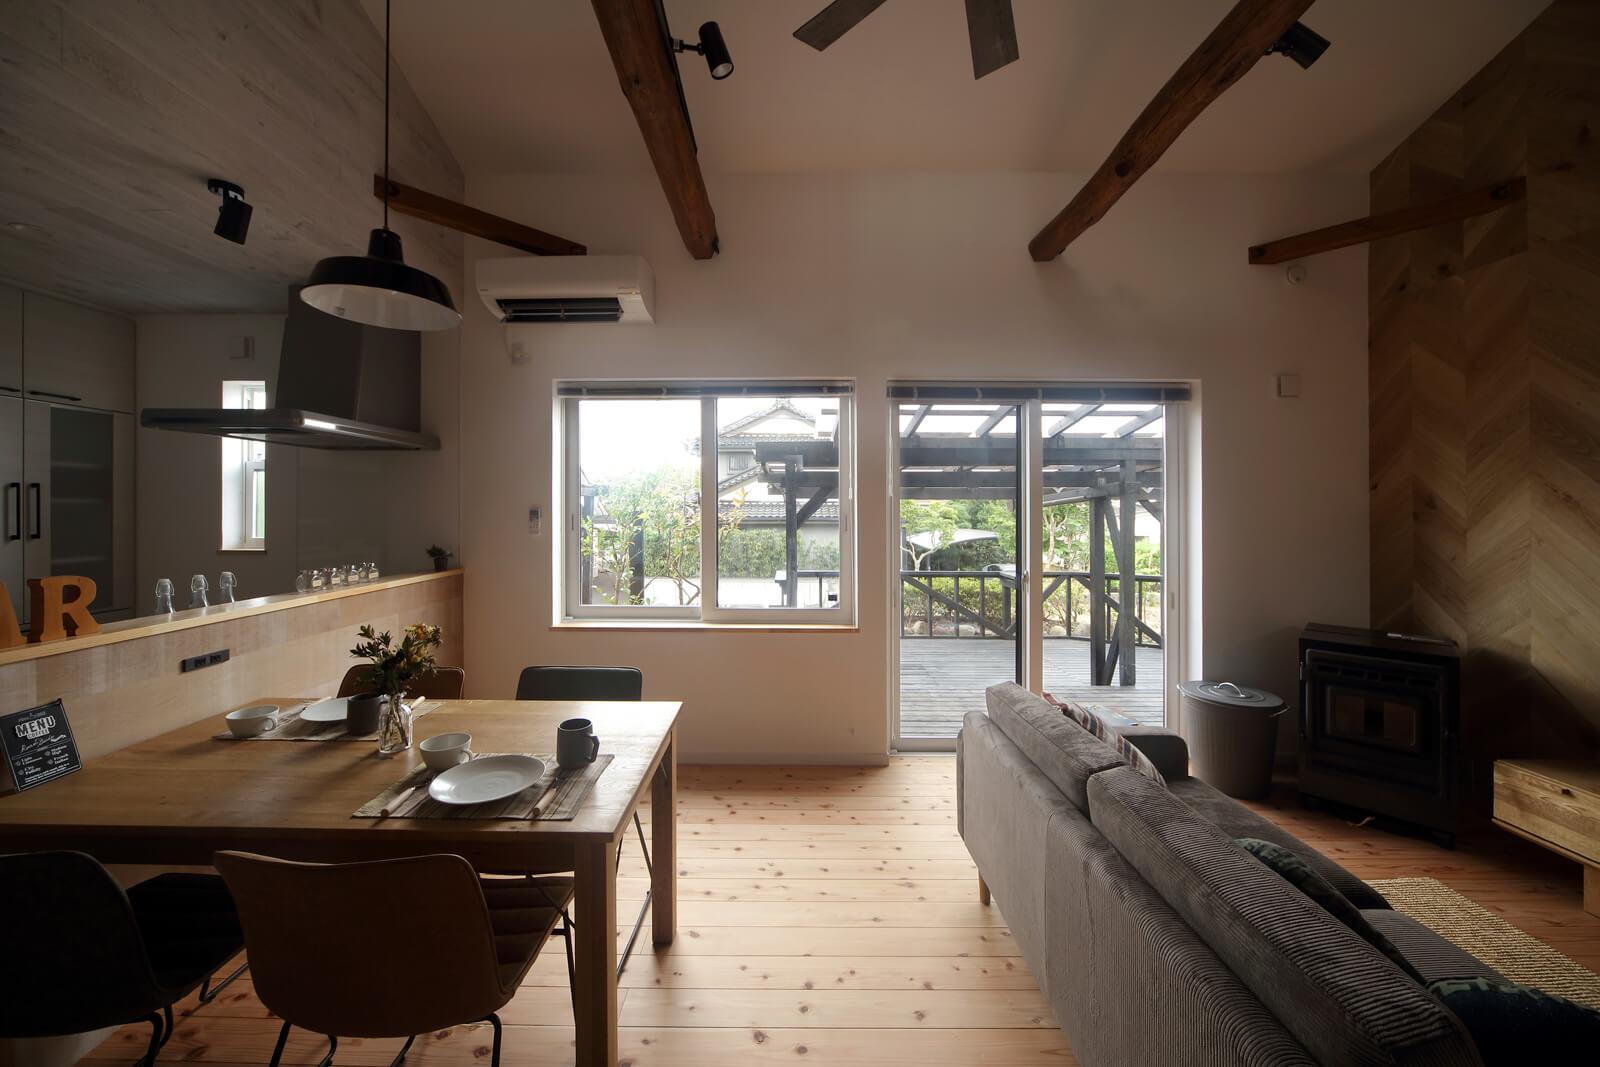 もとは2つの和室だった空間をつなげて大空間に。掃き出し窓の外には大きなウッドデッキがあり、アウトドアリビングのような使い方も可能